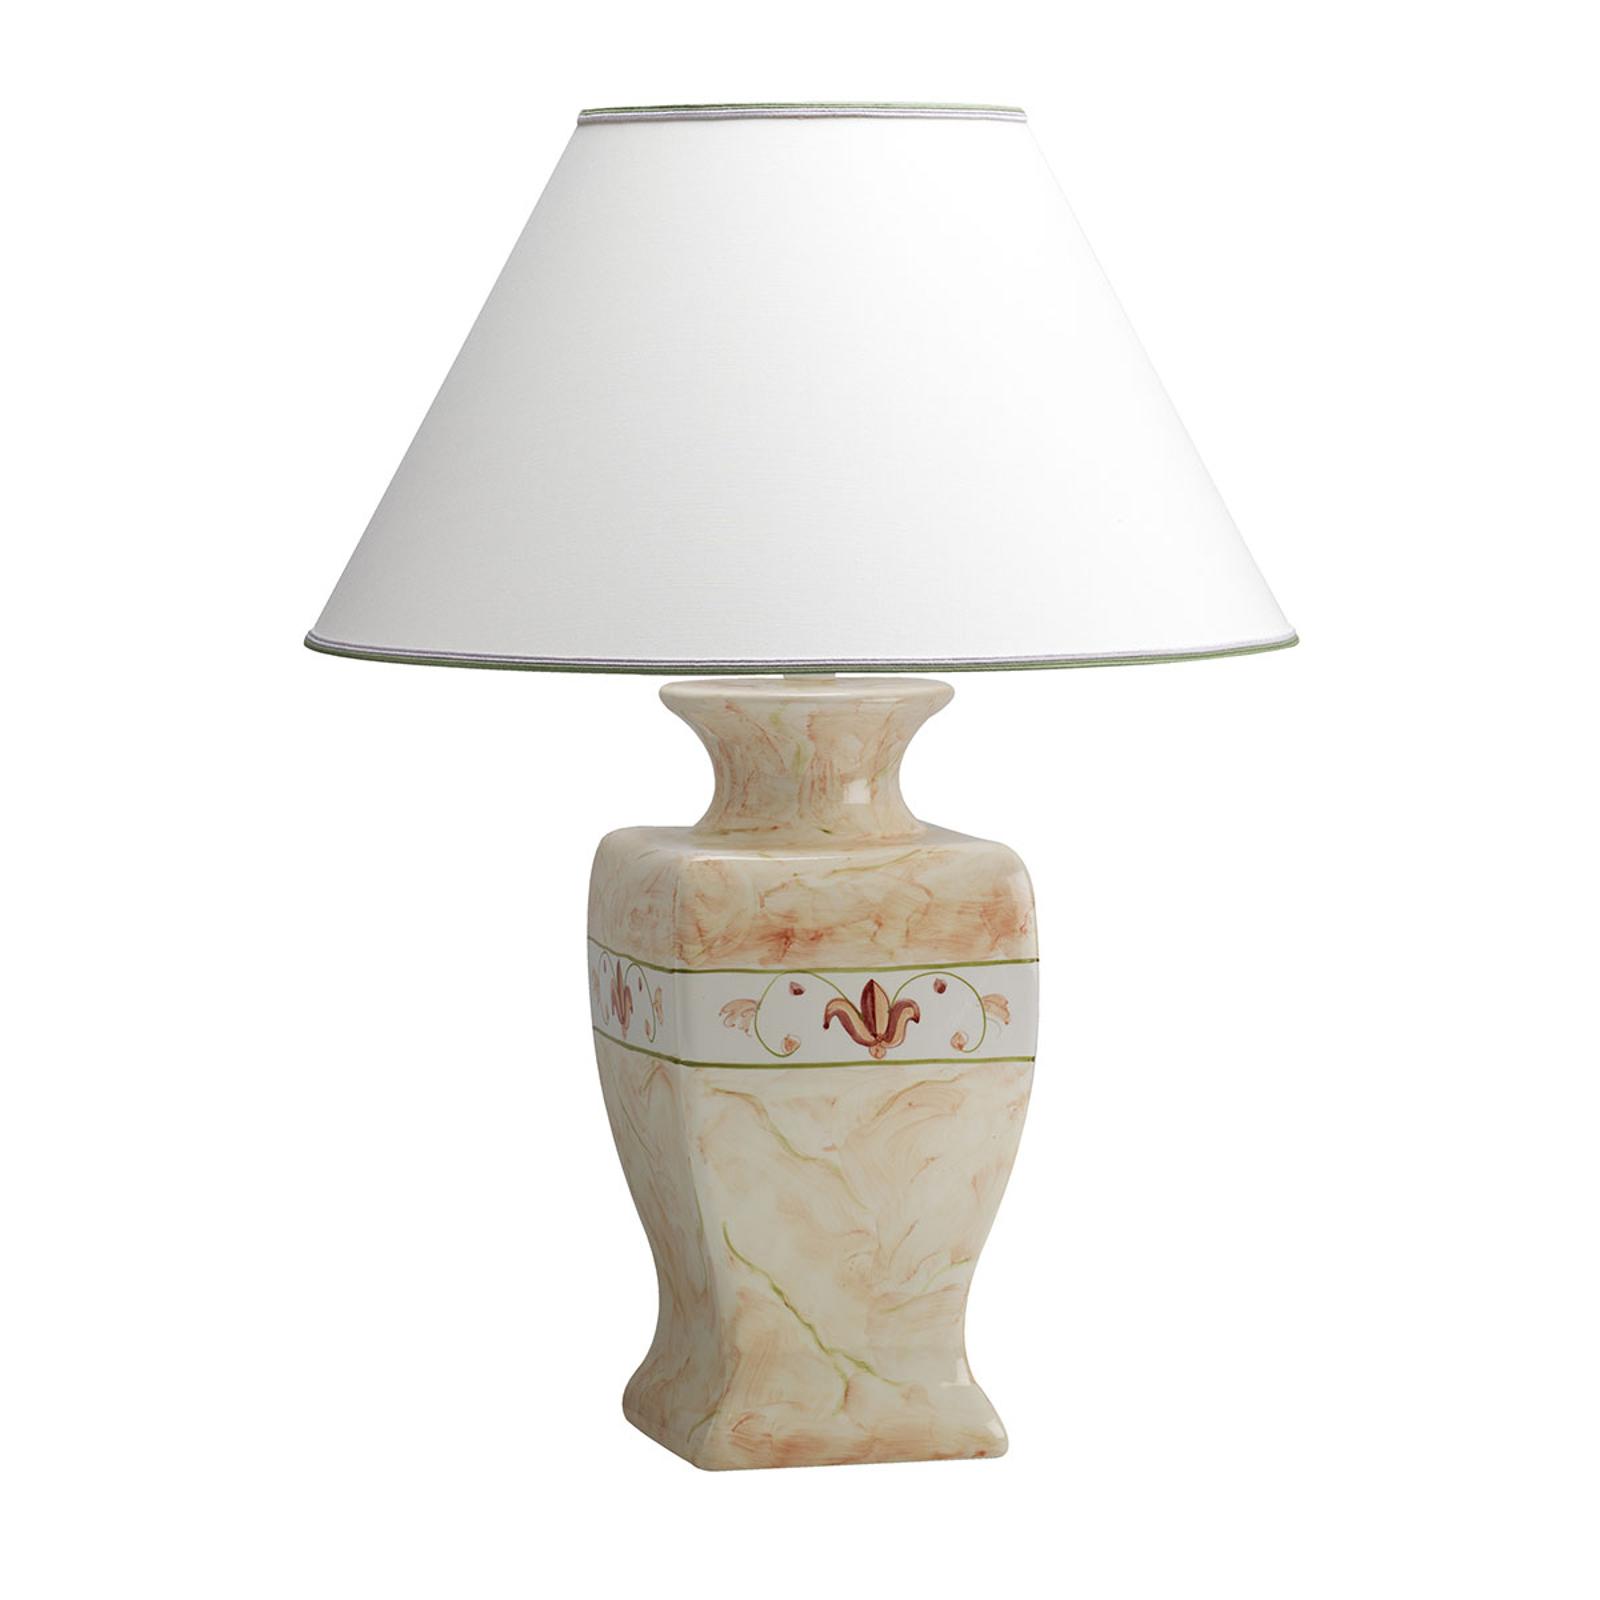 Lampioncino in ceramica Marmorino - altezza 70 cm